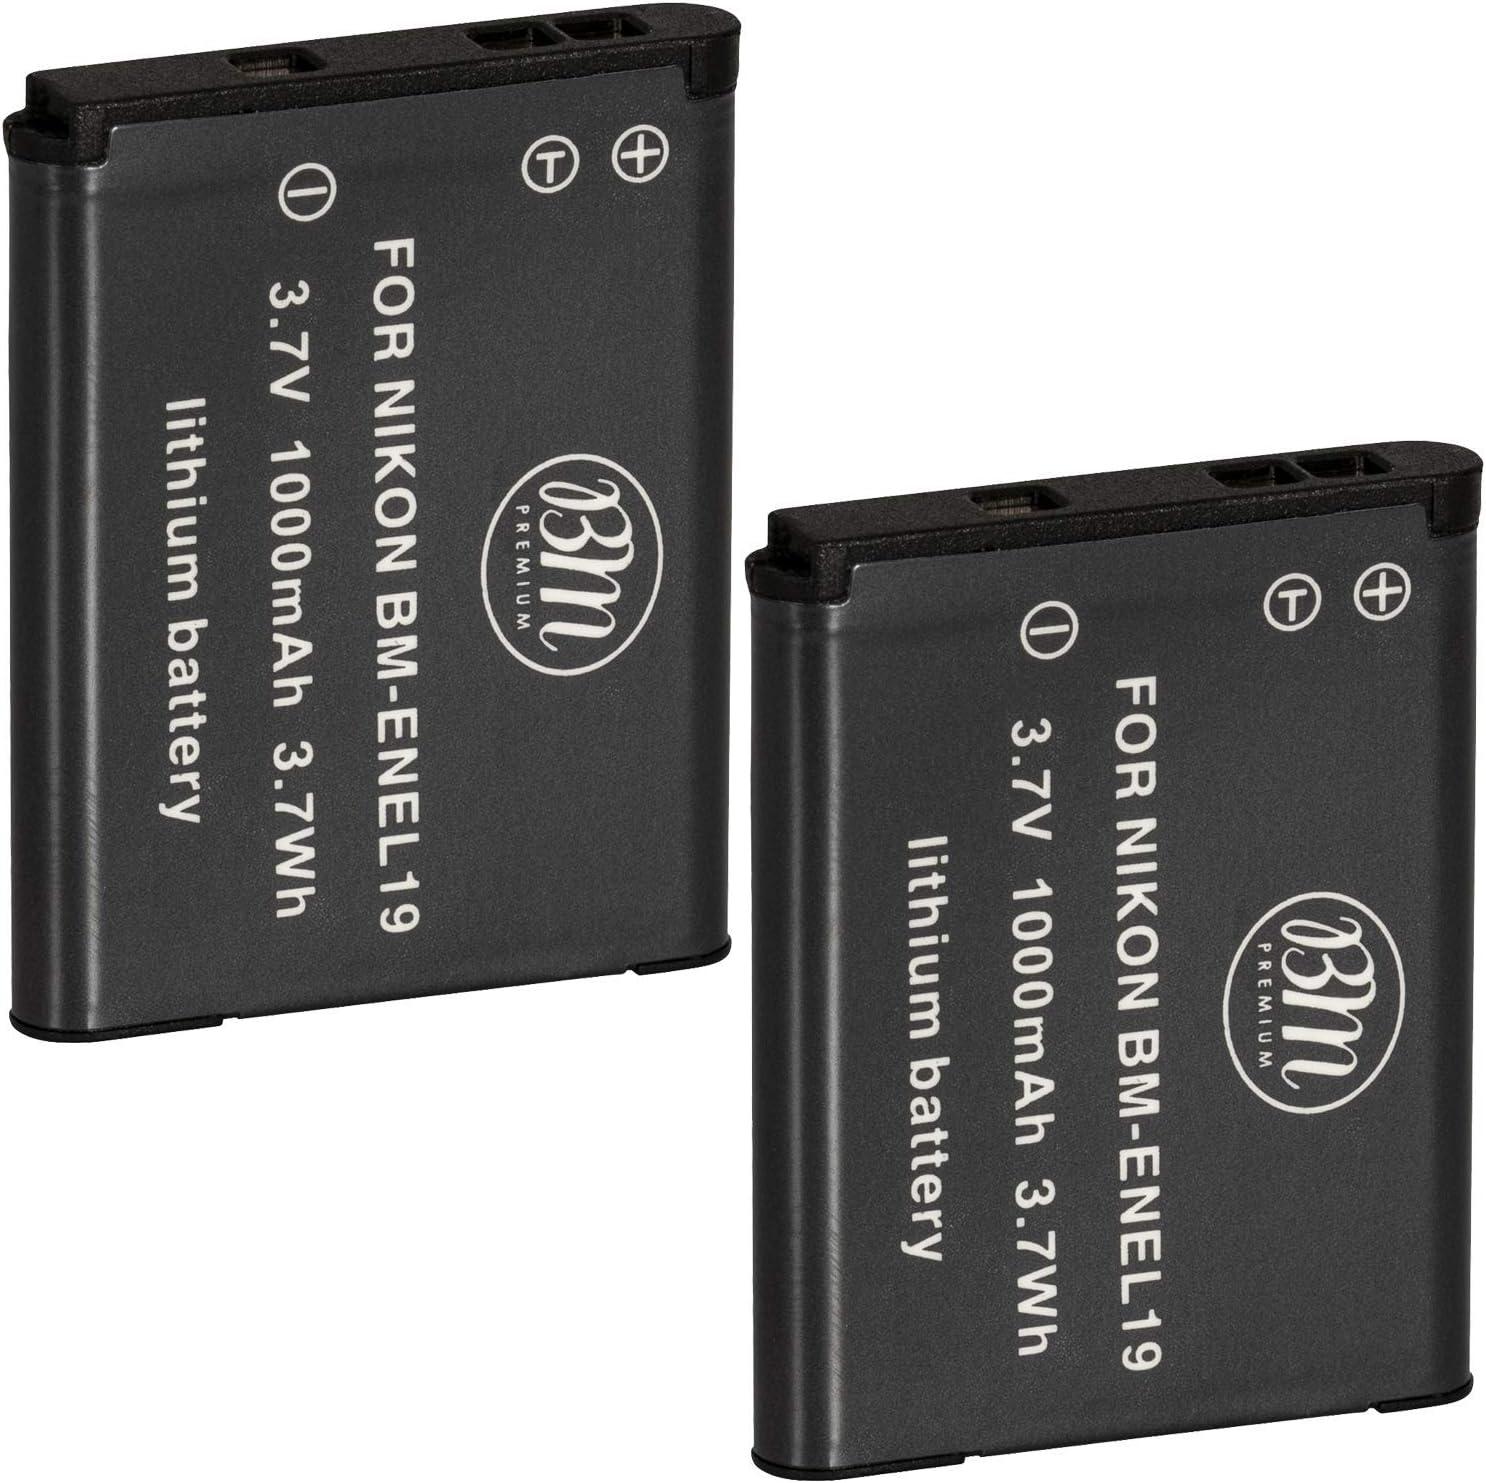 BM New product!! Premium 2 EN-EL19 Sale special price Batteries for W15 A300 Nikon Coolpix W100